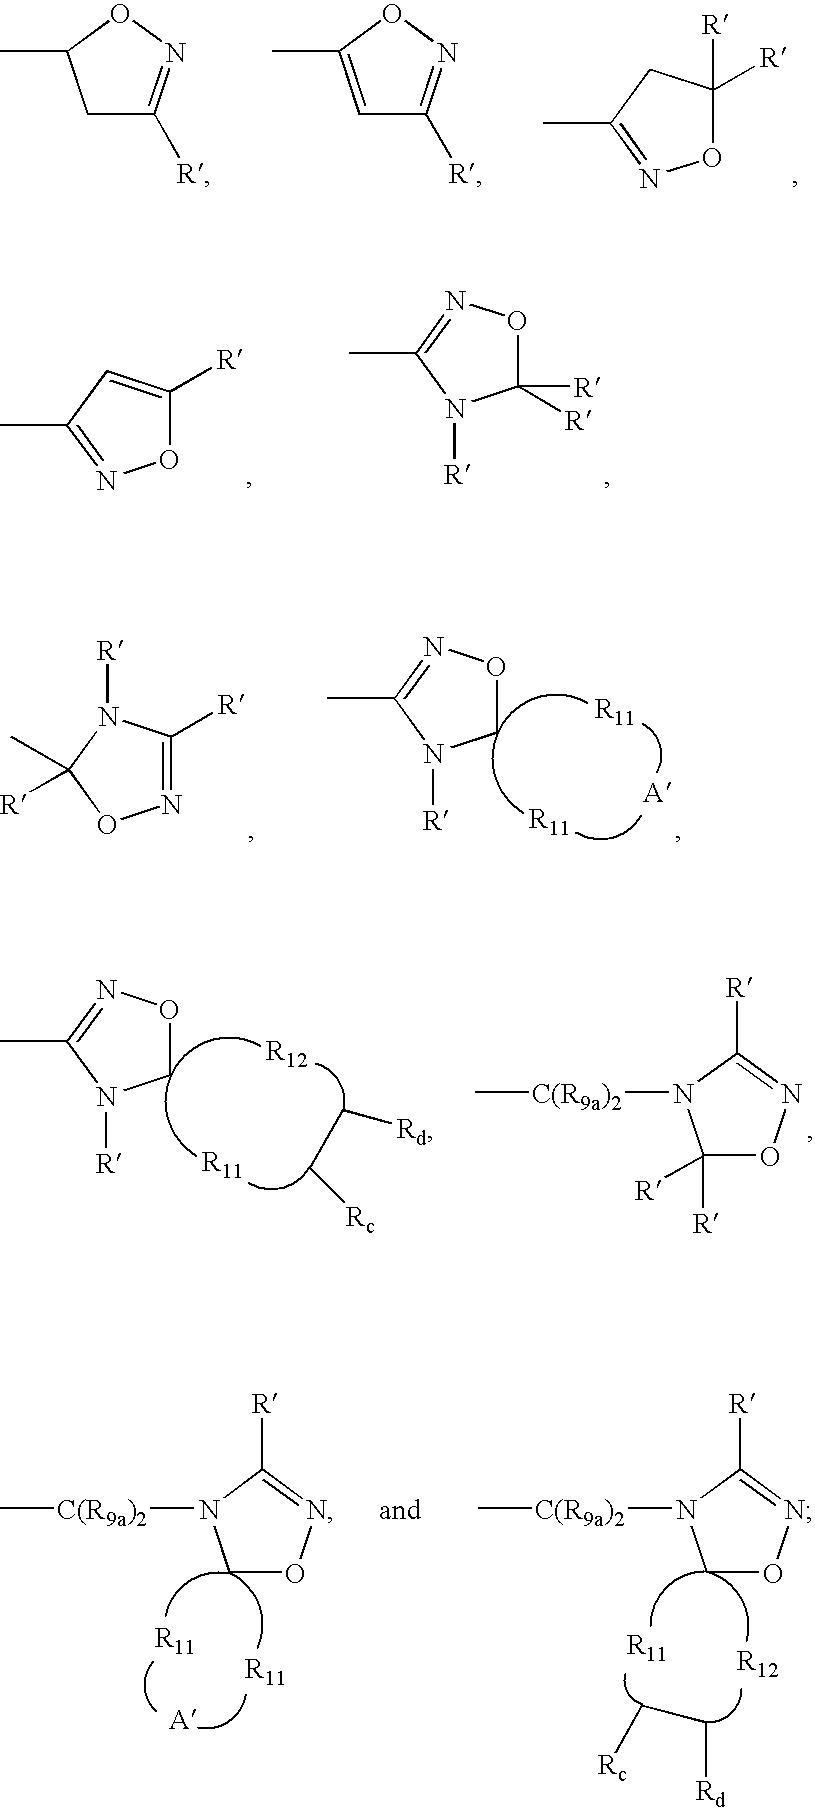 Figure US20070287725A1-20071213-C00172